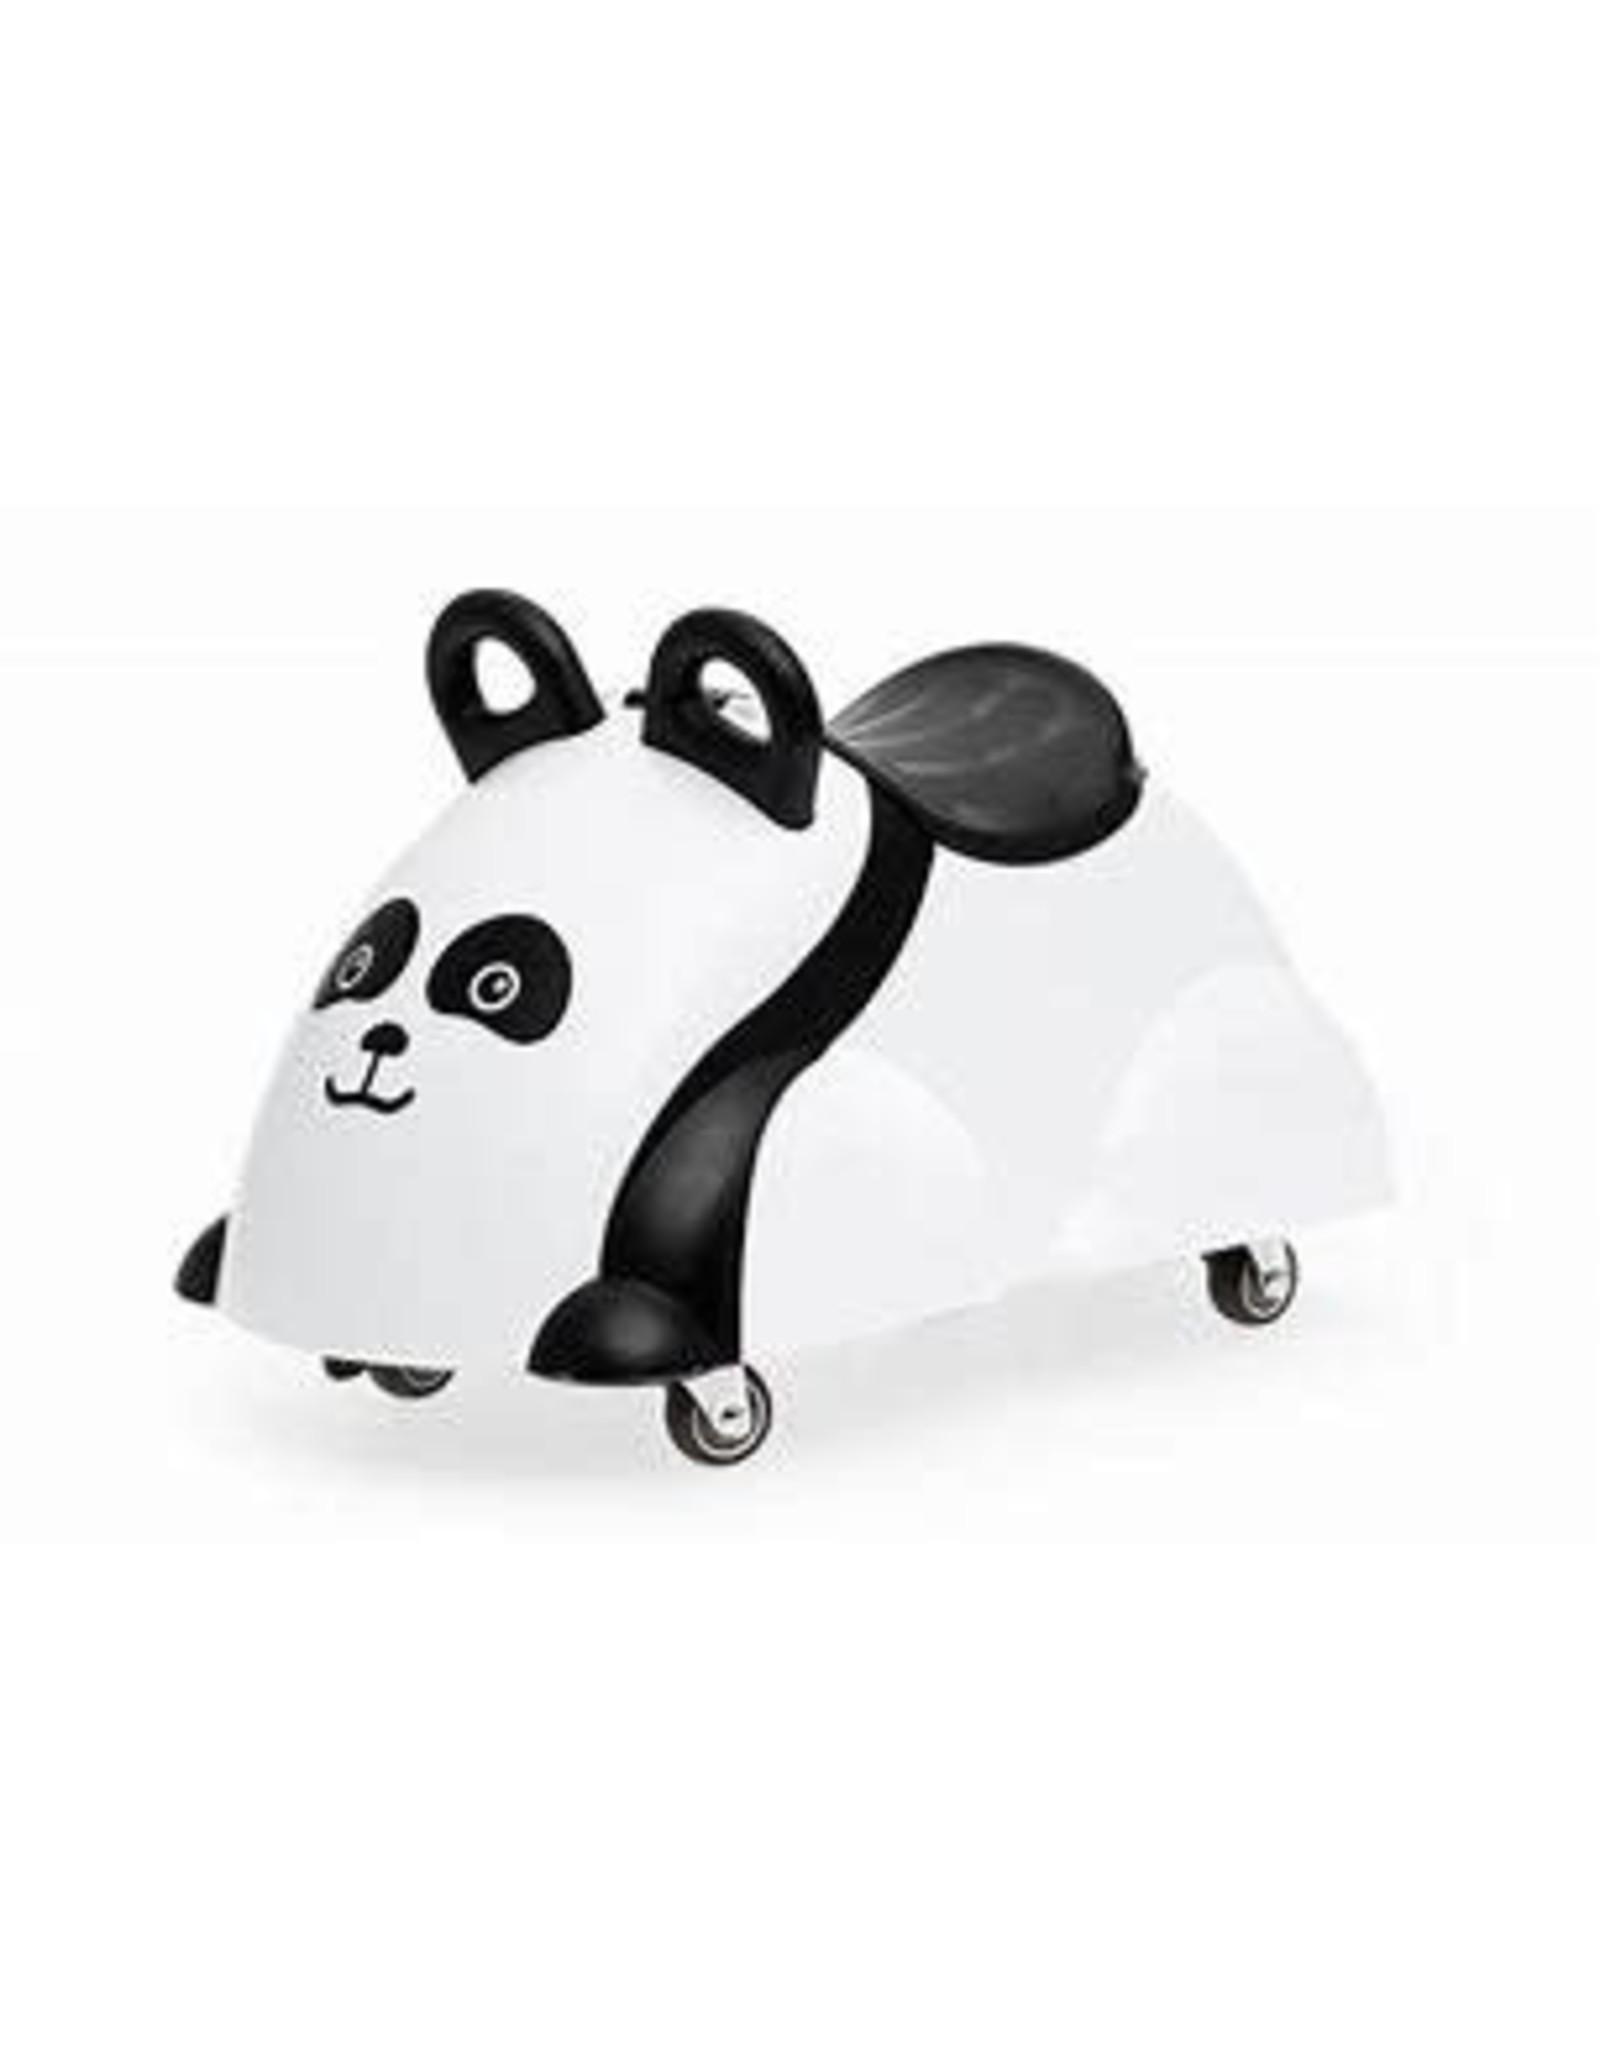 Viking Toys Cute Rider Panda